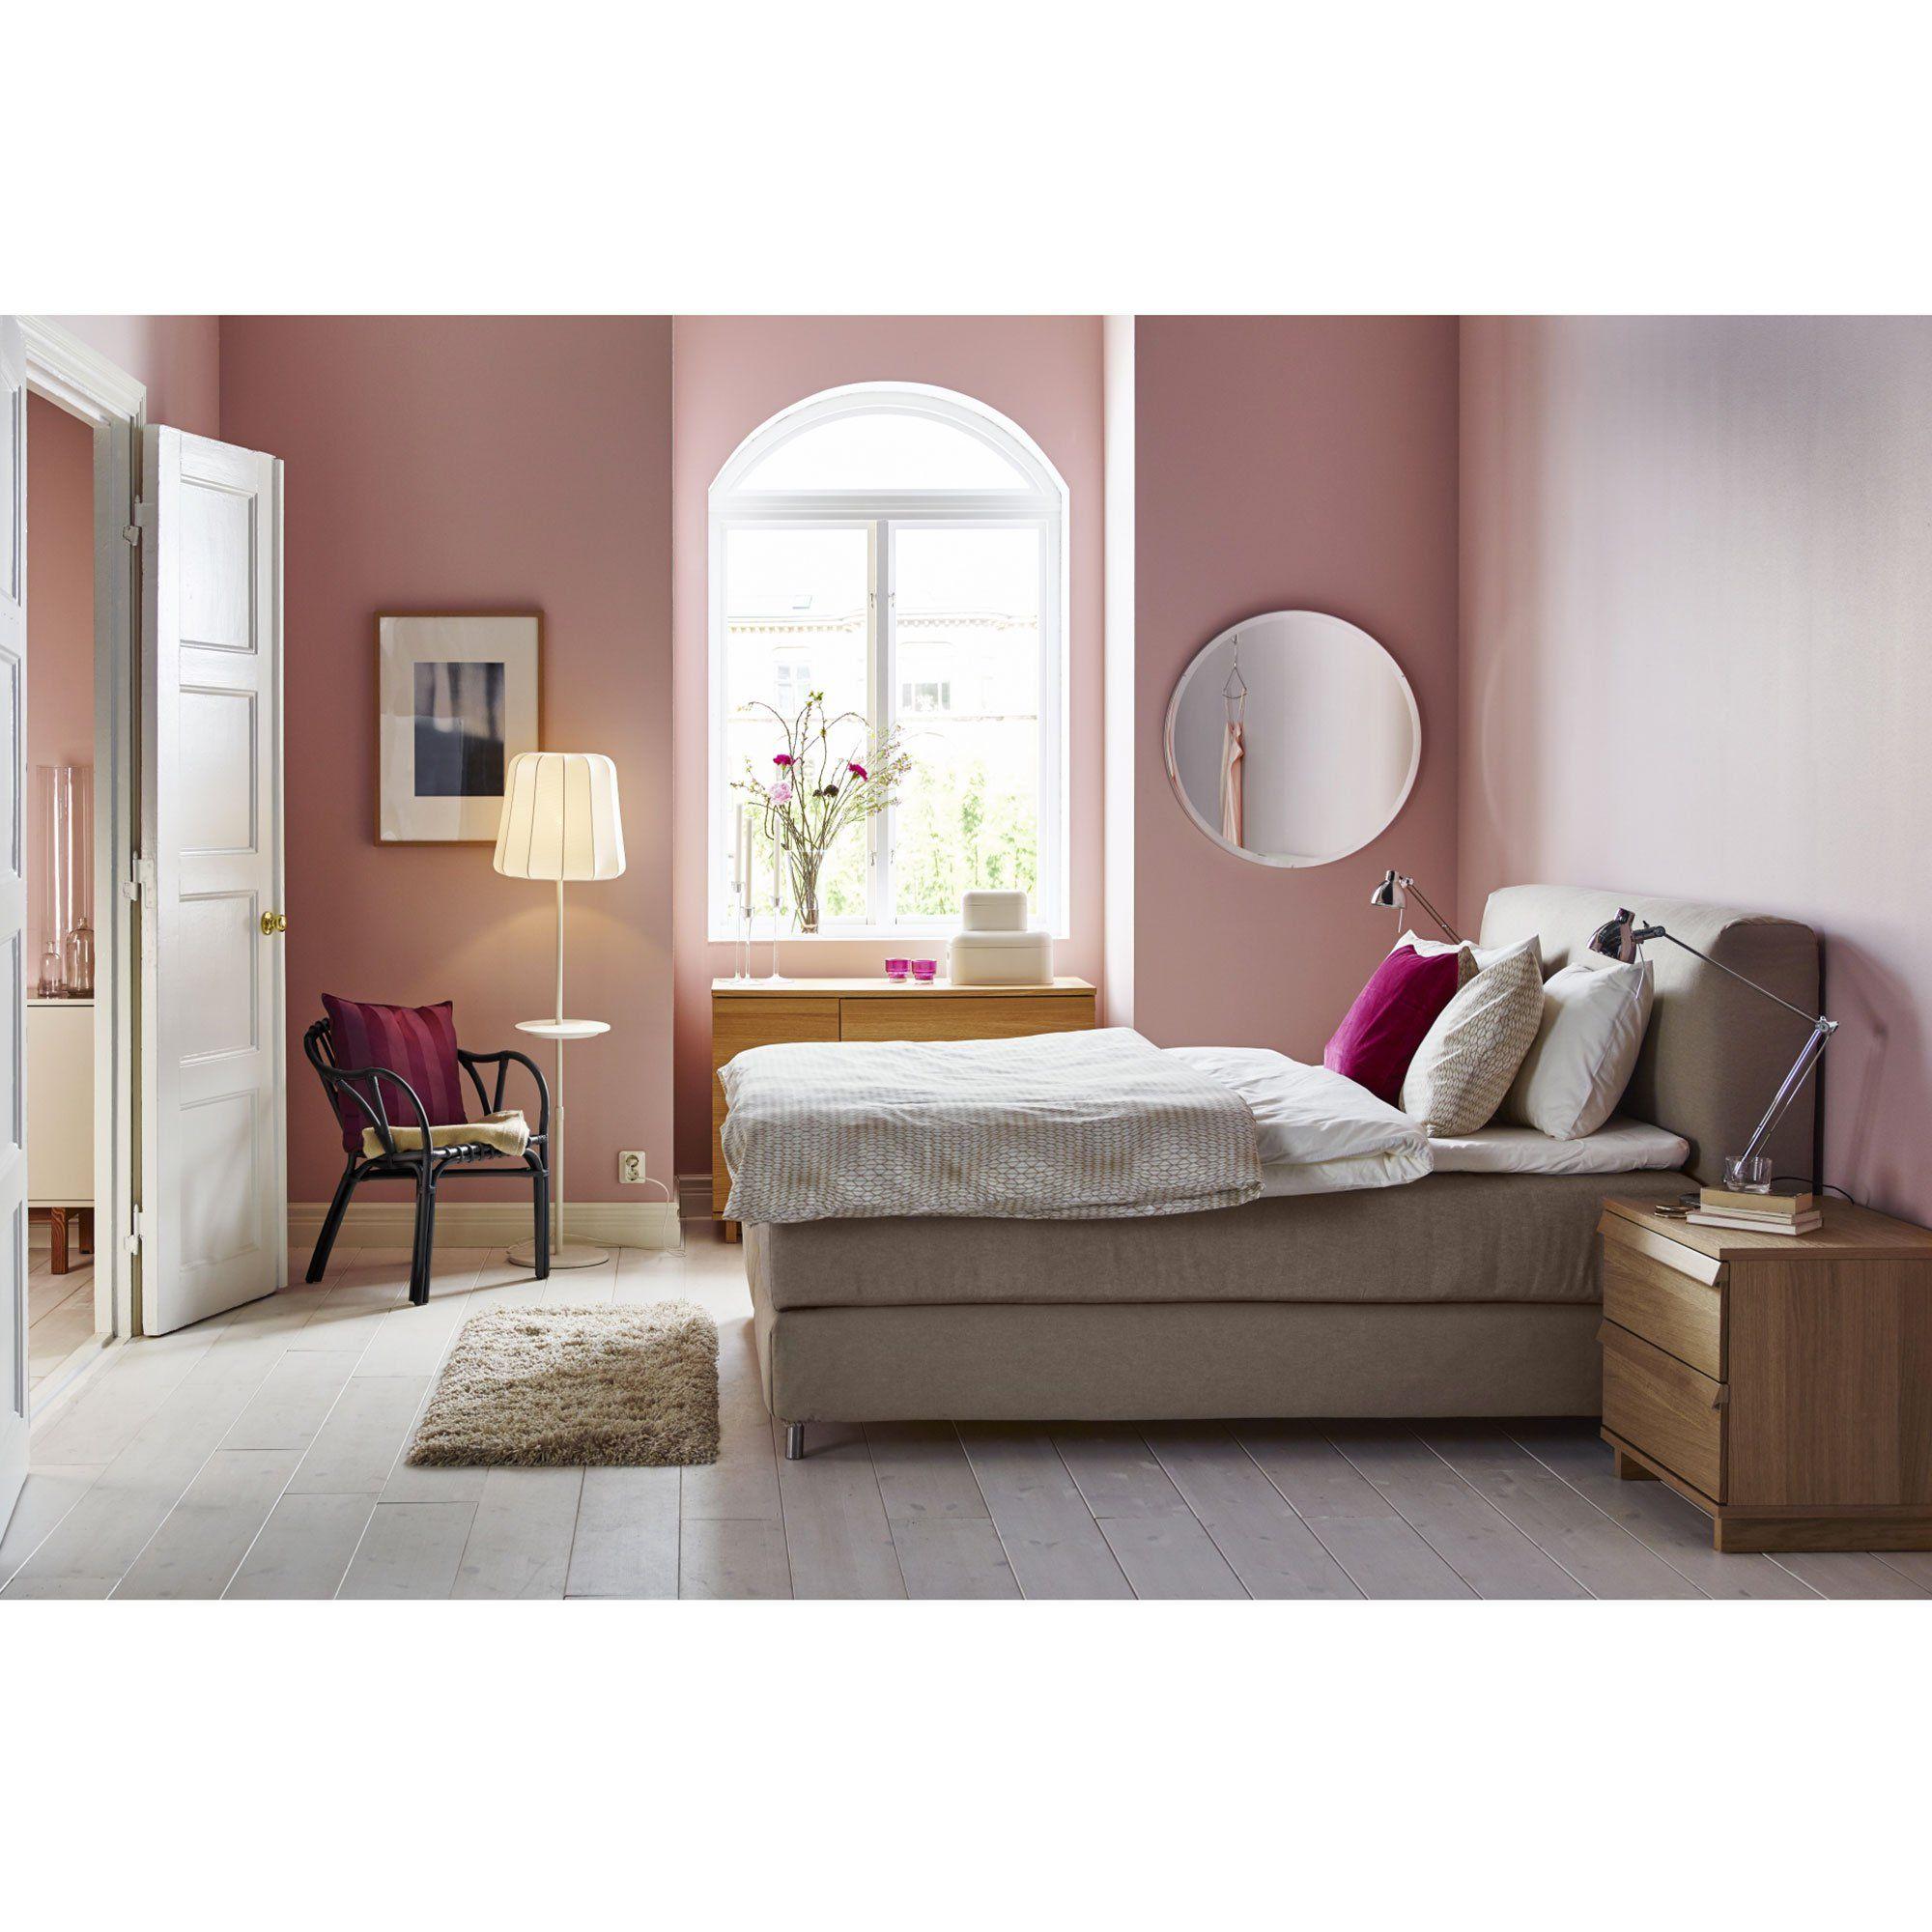 Passion Rose Poudre Des Interieurs Et De La Deco Pour S Inspirer